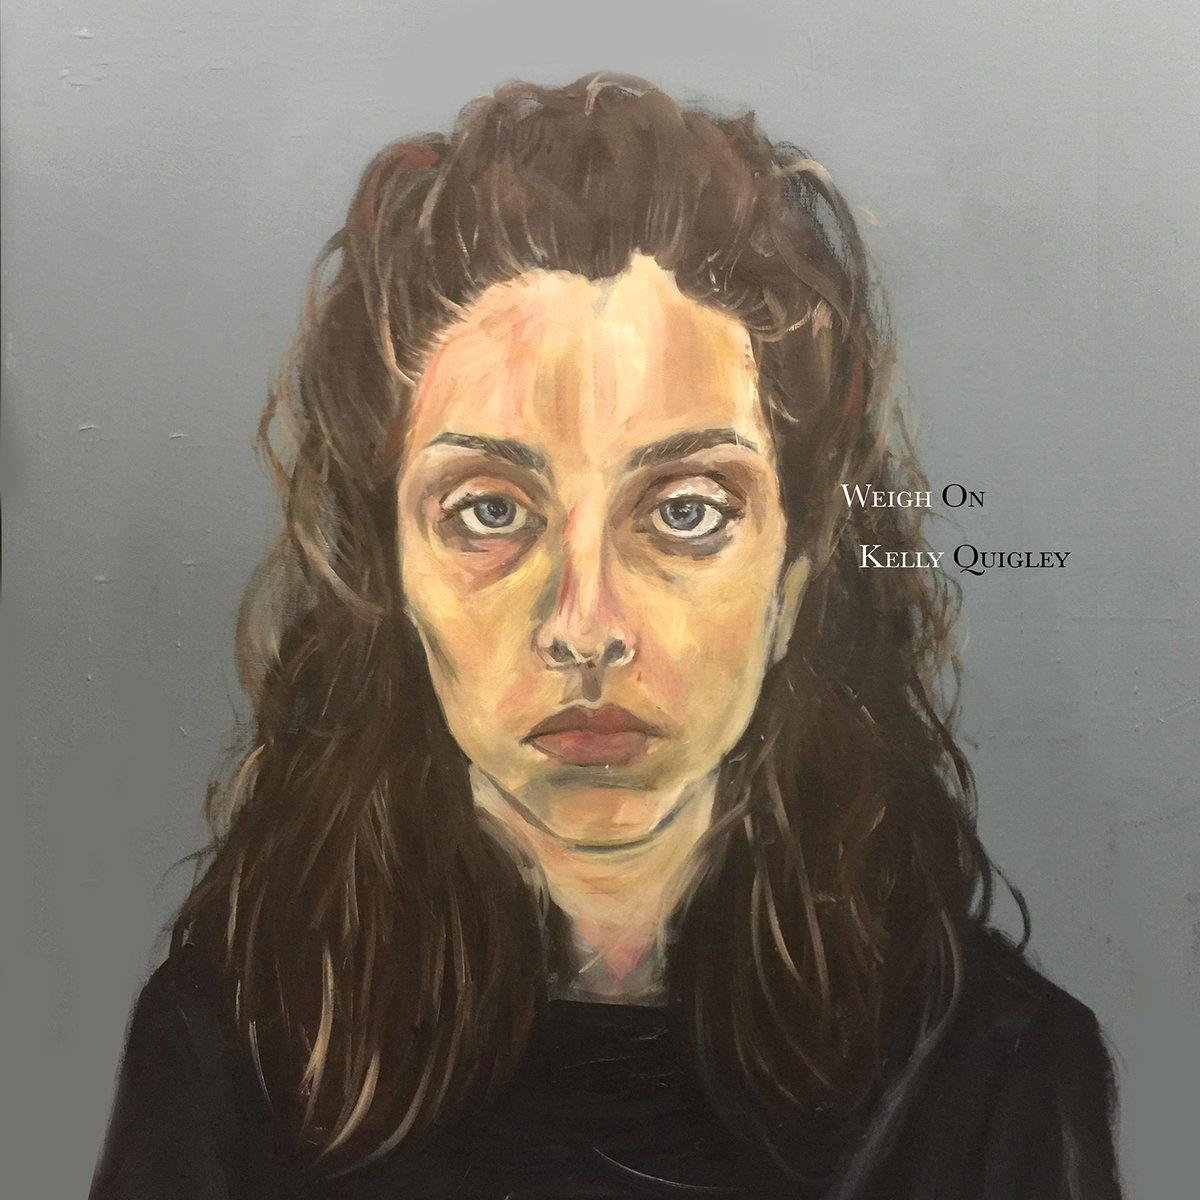 Released: May 4th, 2017 Genres: Indie folk, Singer songwriter